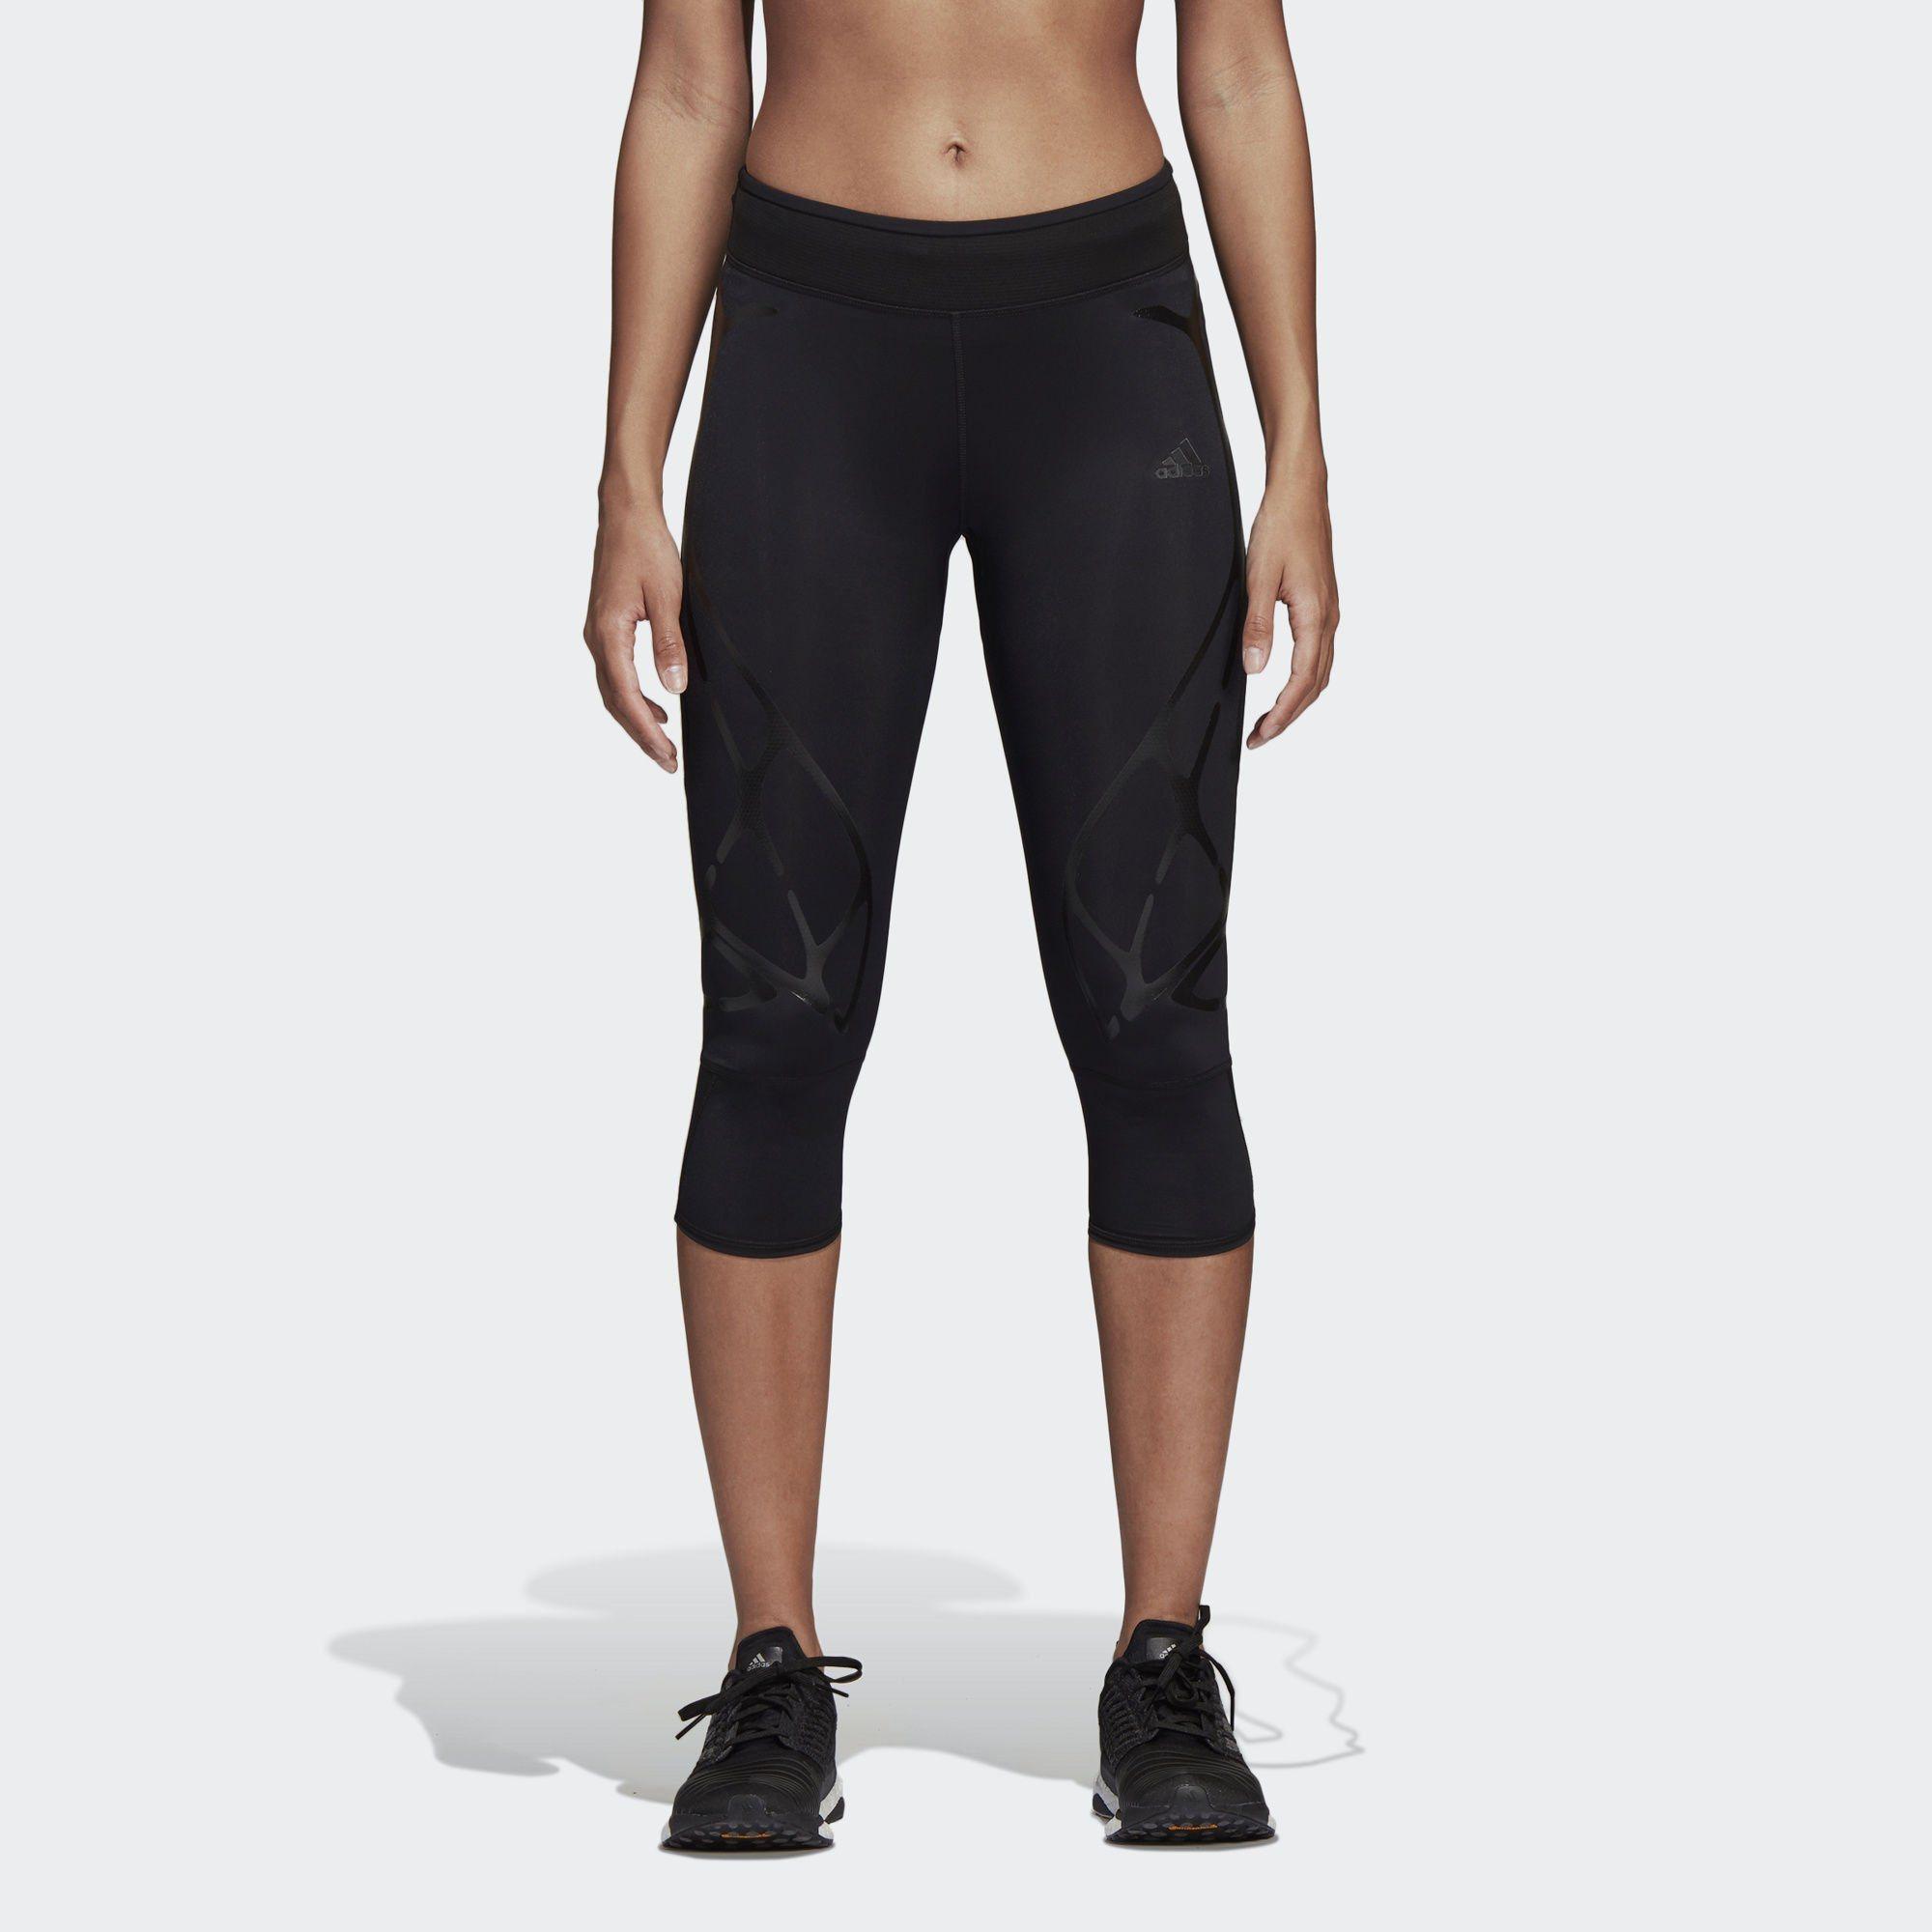 Damen adidas Performance Funktionstights Adizero Sprintweb 3/4 schwarz   04060509729556